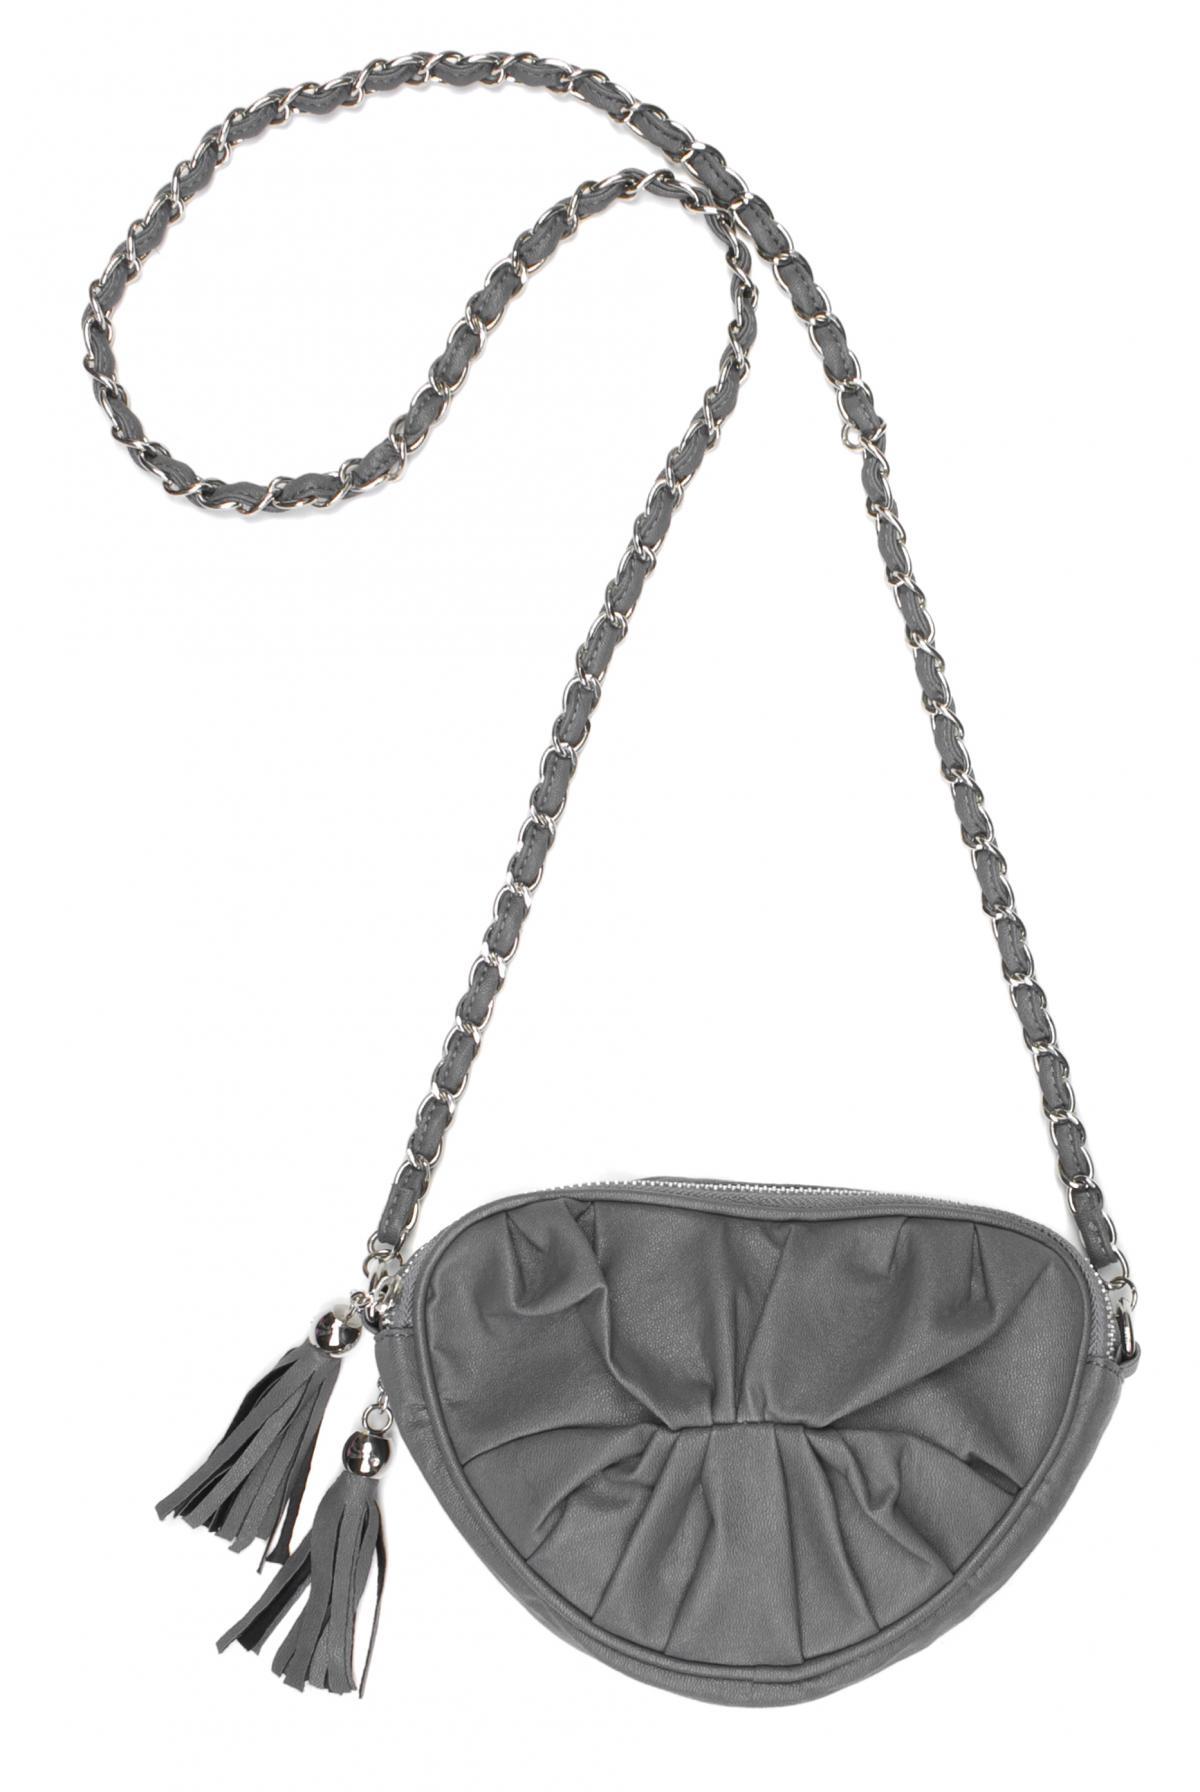 popielata torebka Carry - z kolekcji wiosna-lato 2011